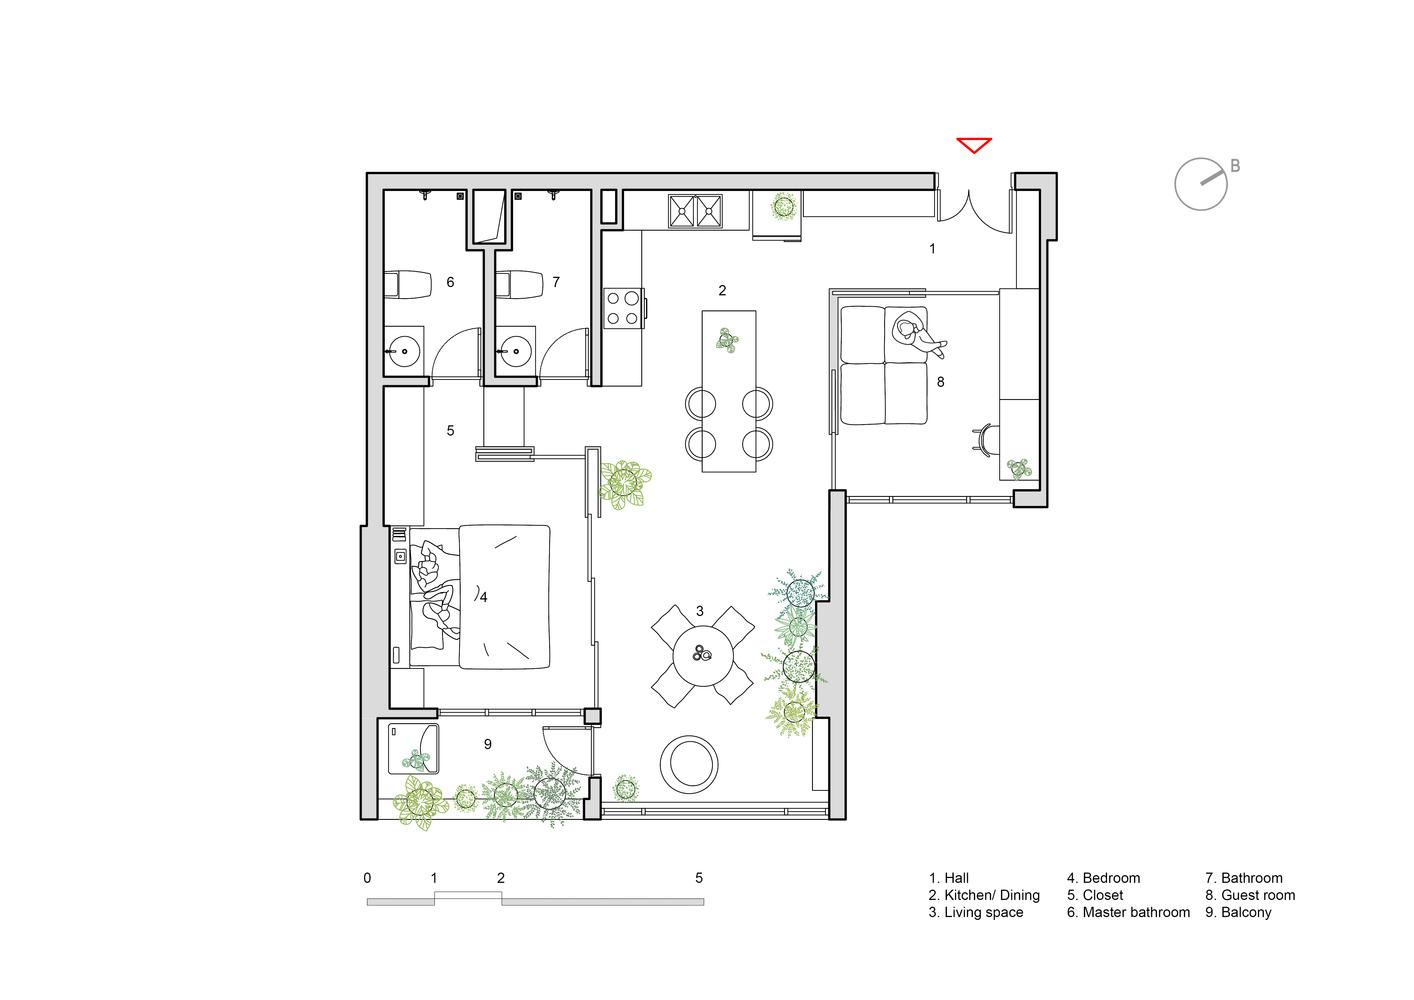 Hình ảnh bản vẽ thiết kế mặt bằng căn hộ 78m2 sau cải tạo.